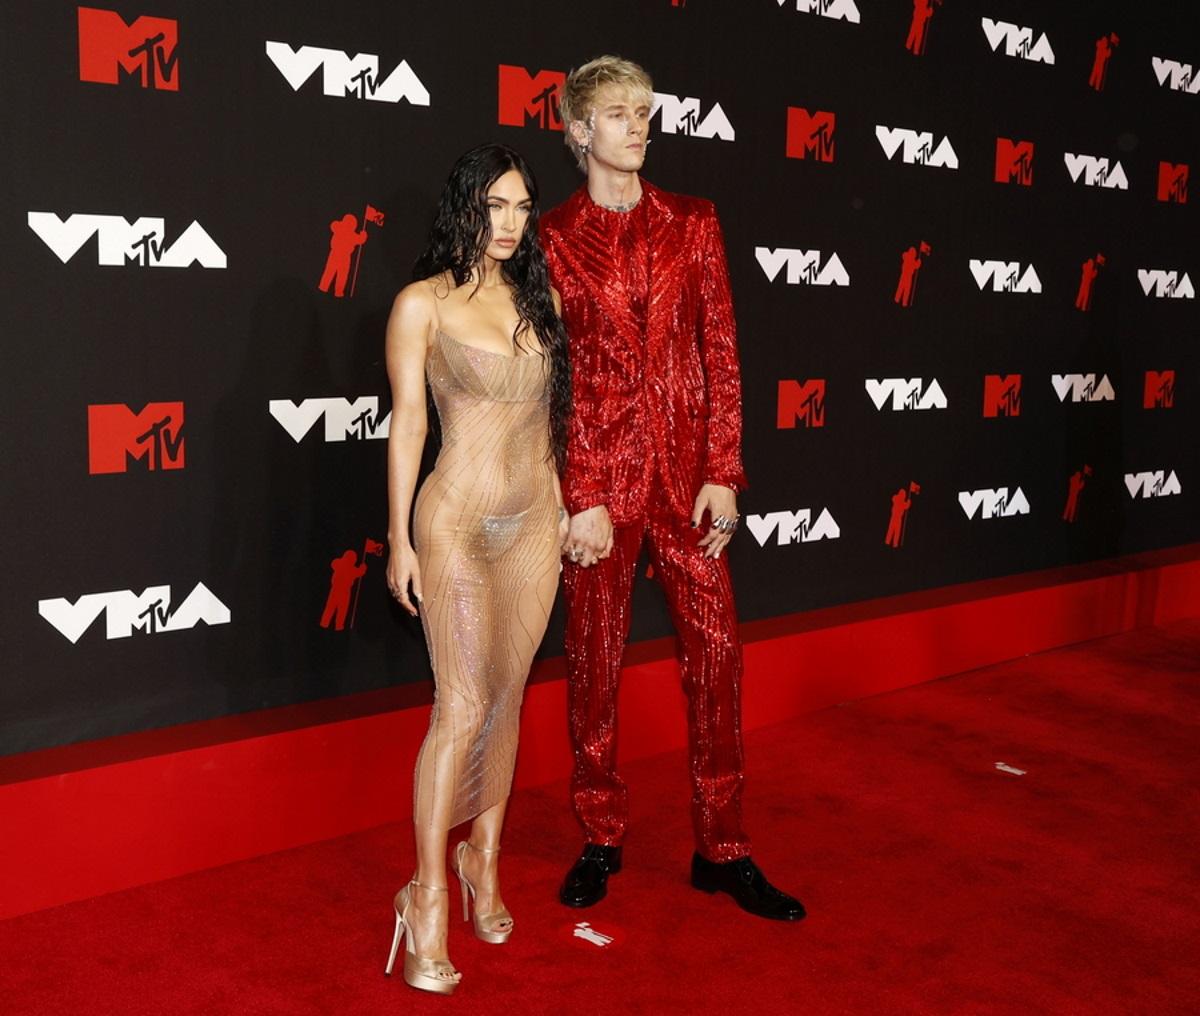 Μέγκαν Φοξ: Με άκρως αποκαλυπτικό φόρεμα στα βραβεία του MTV